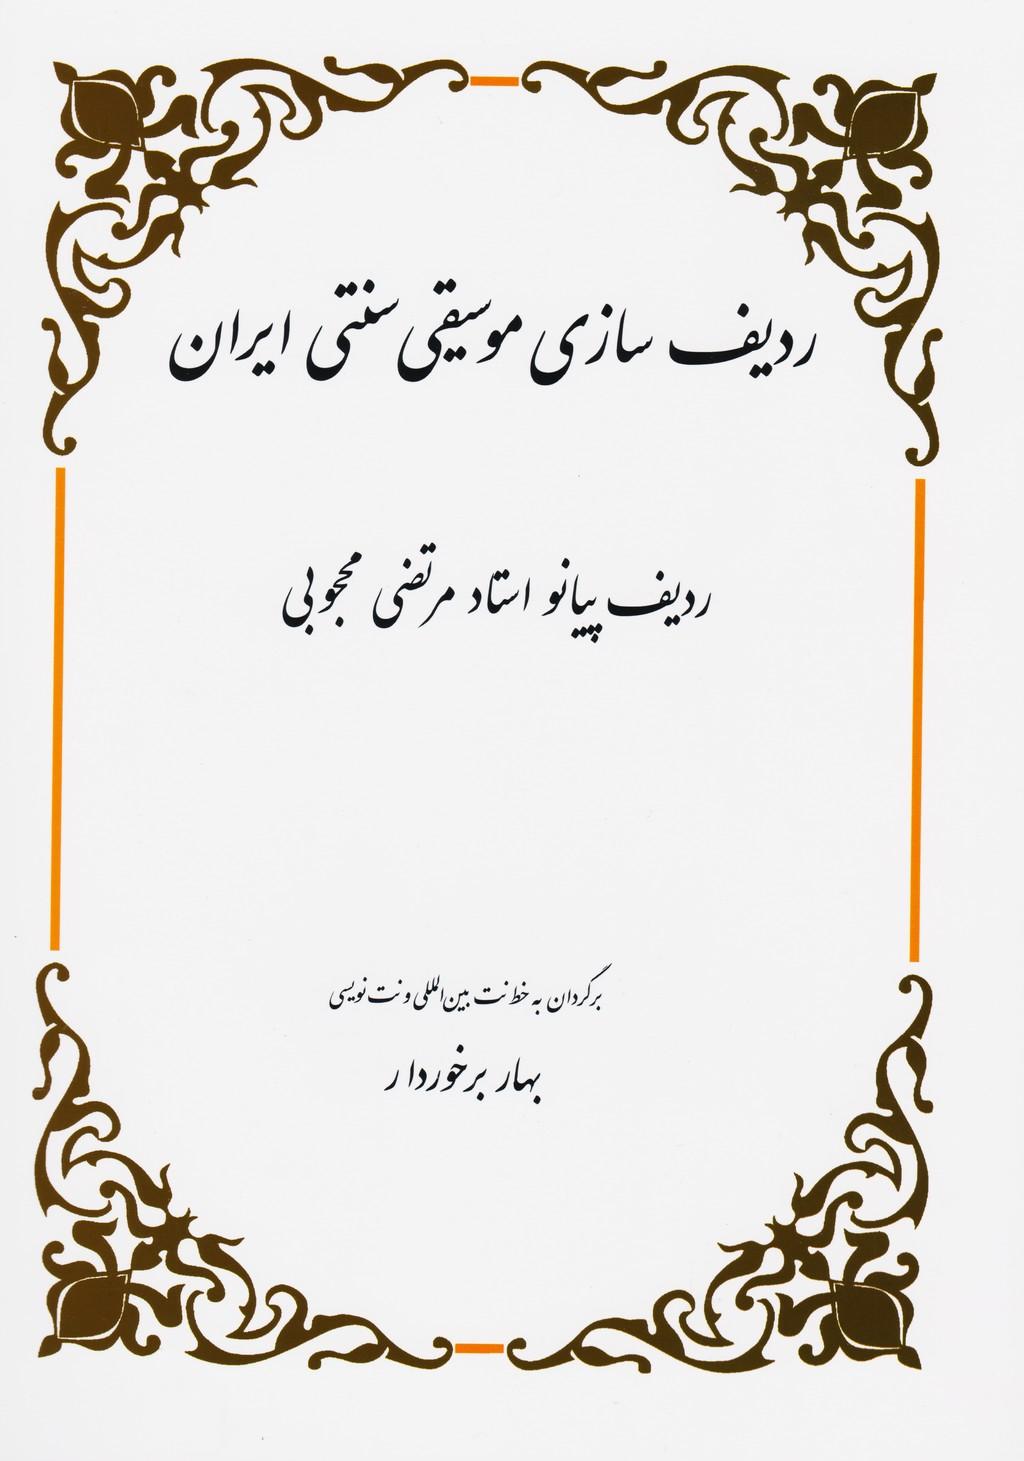 ردیف سازی موسیقی سنتی ایران (ردیف پیانو)